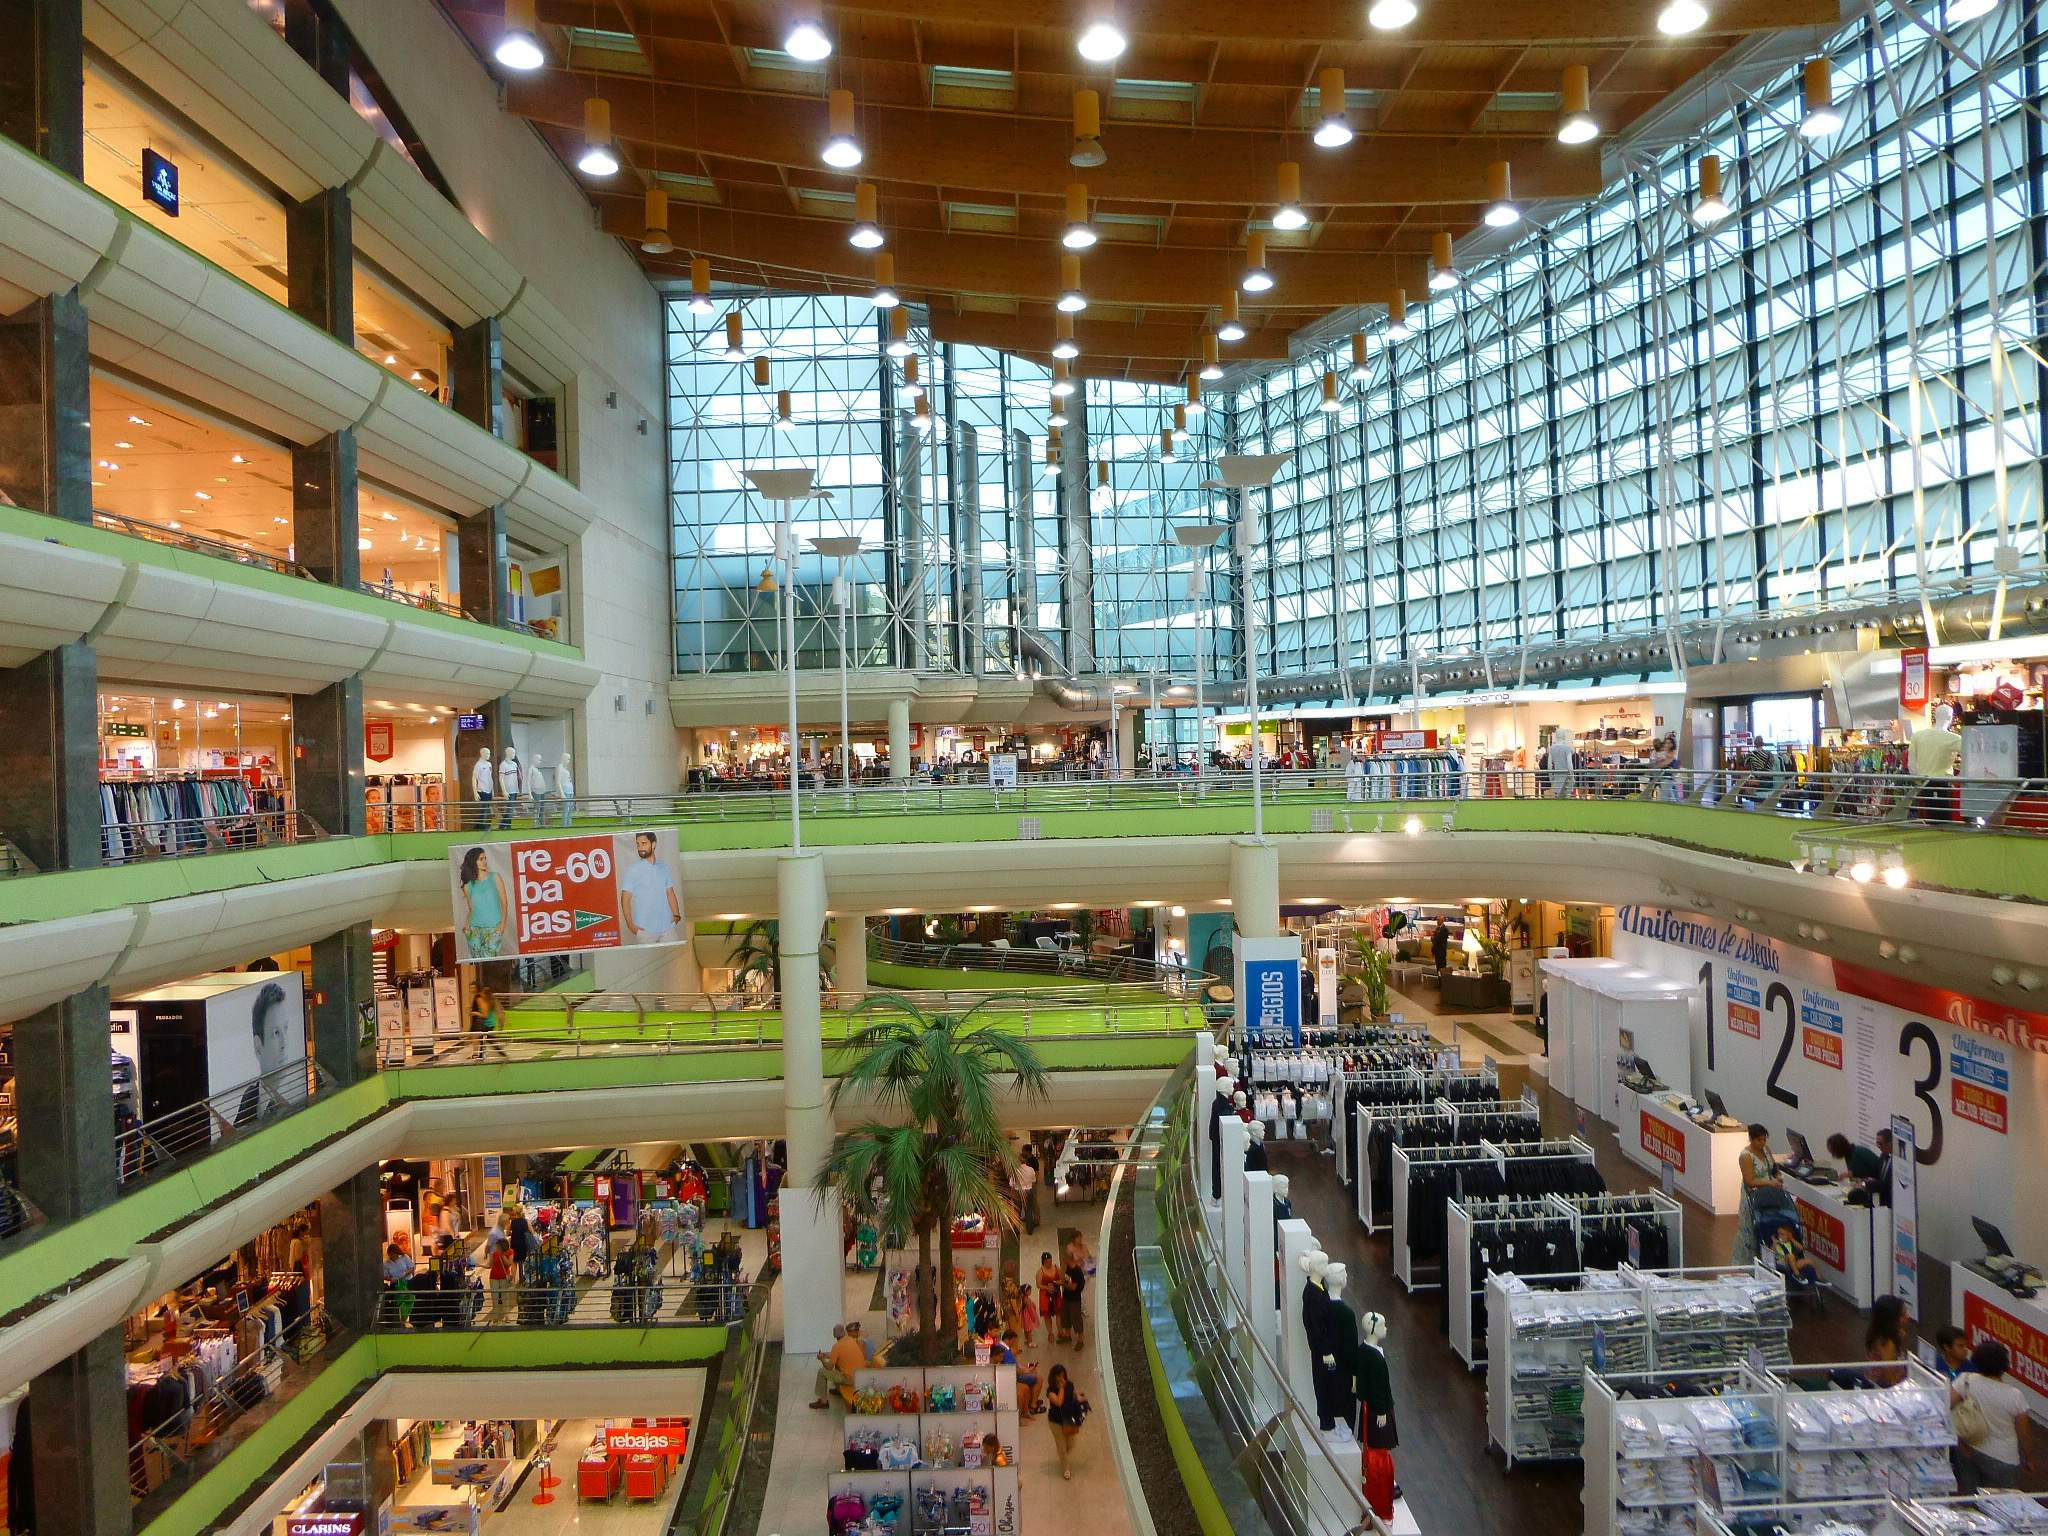 Archivo madrid centro comercial sanchinarro 04 jpg - Centro comercial de la moraleja ...